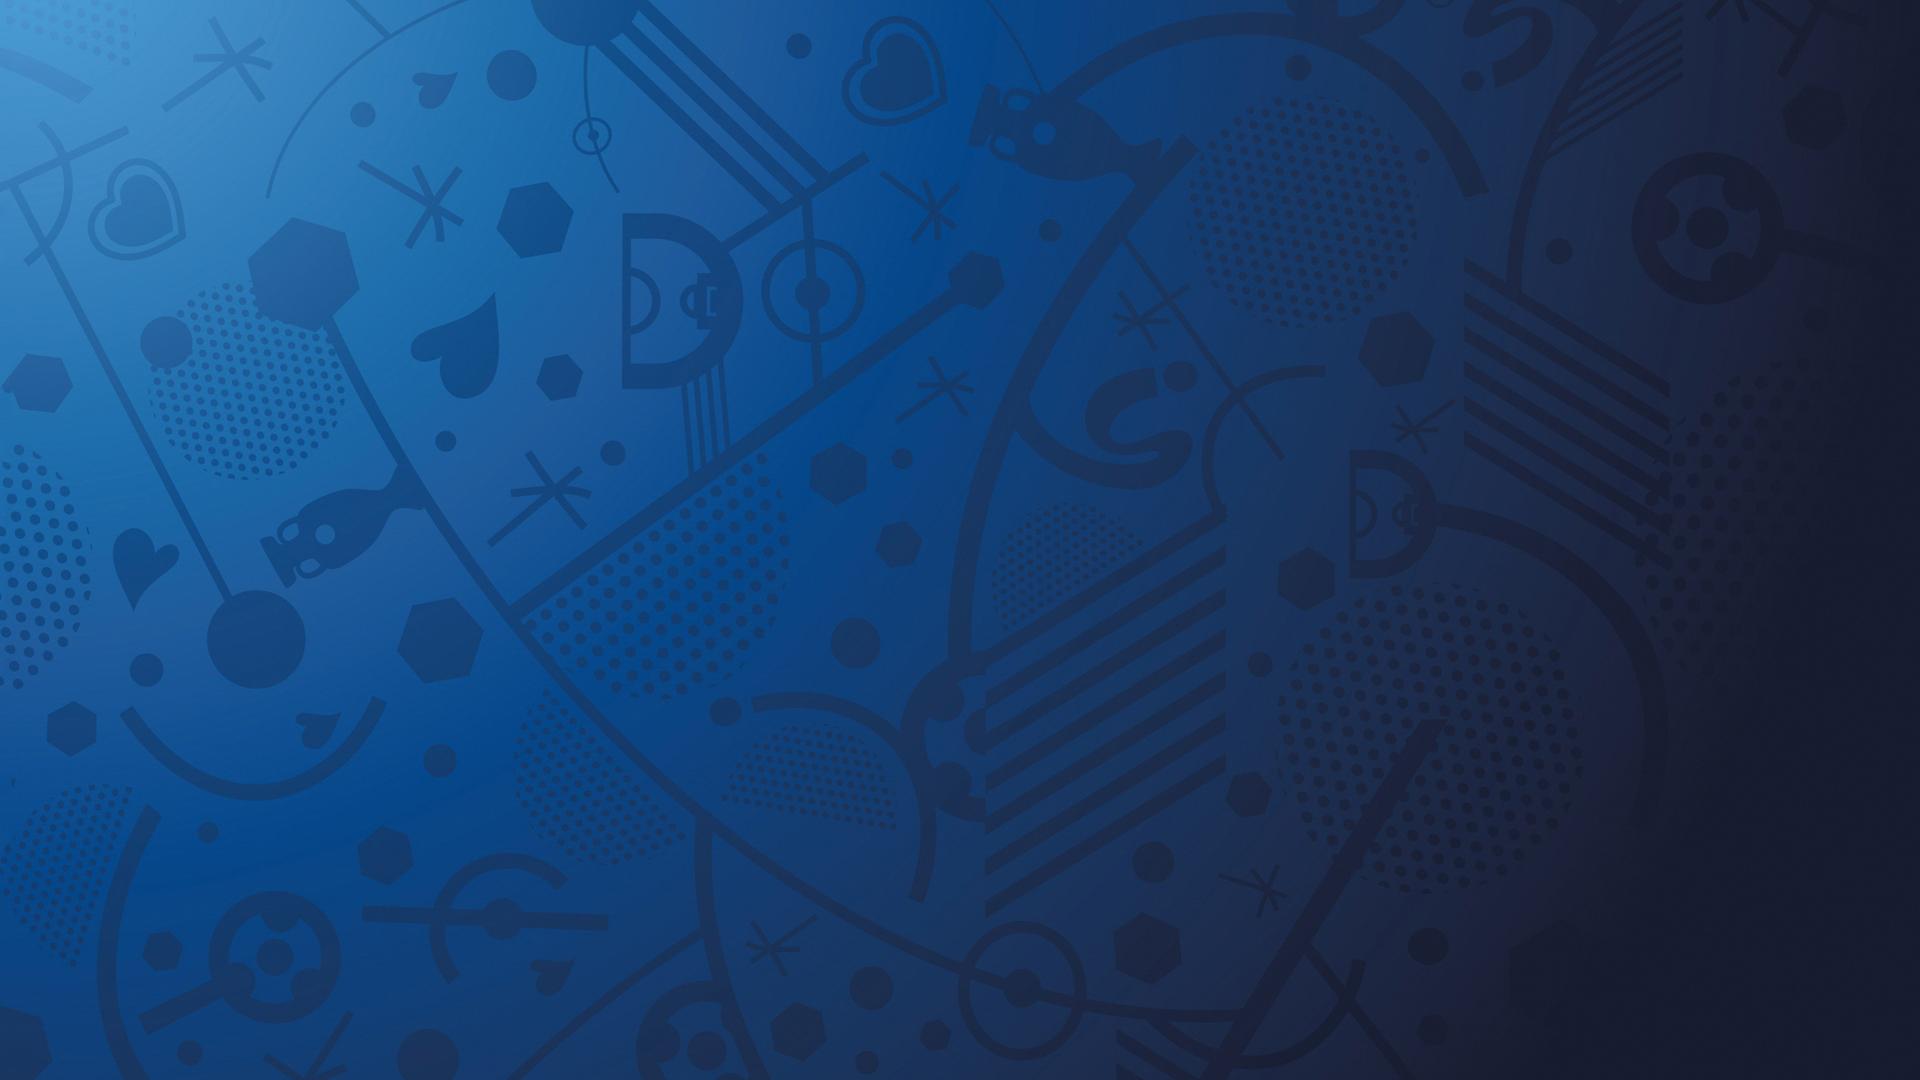 Euro 2016 t l charger un fond d 39 cran ps4 ps vita for Fond ecran hd pc 2016